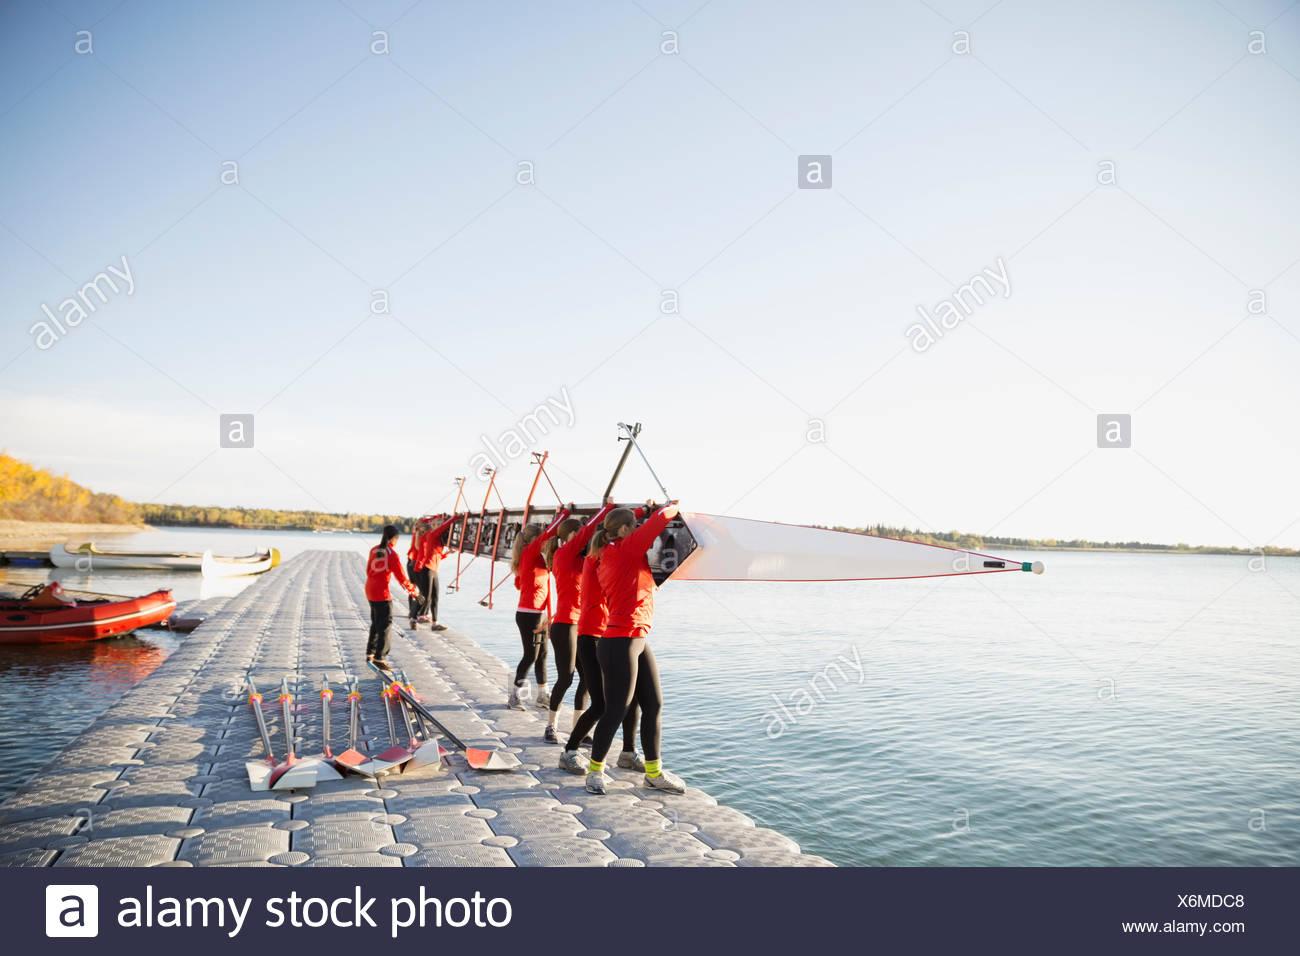 Celebración del equipo de remo cráneo frente al mar Imagen De Stock